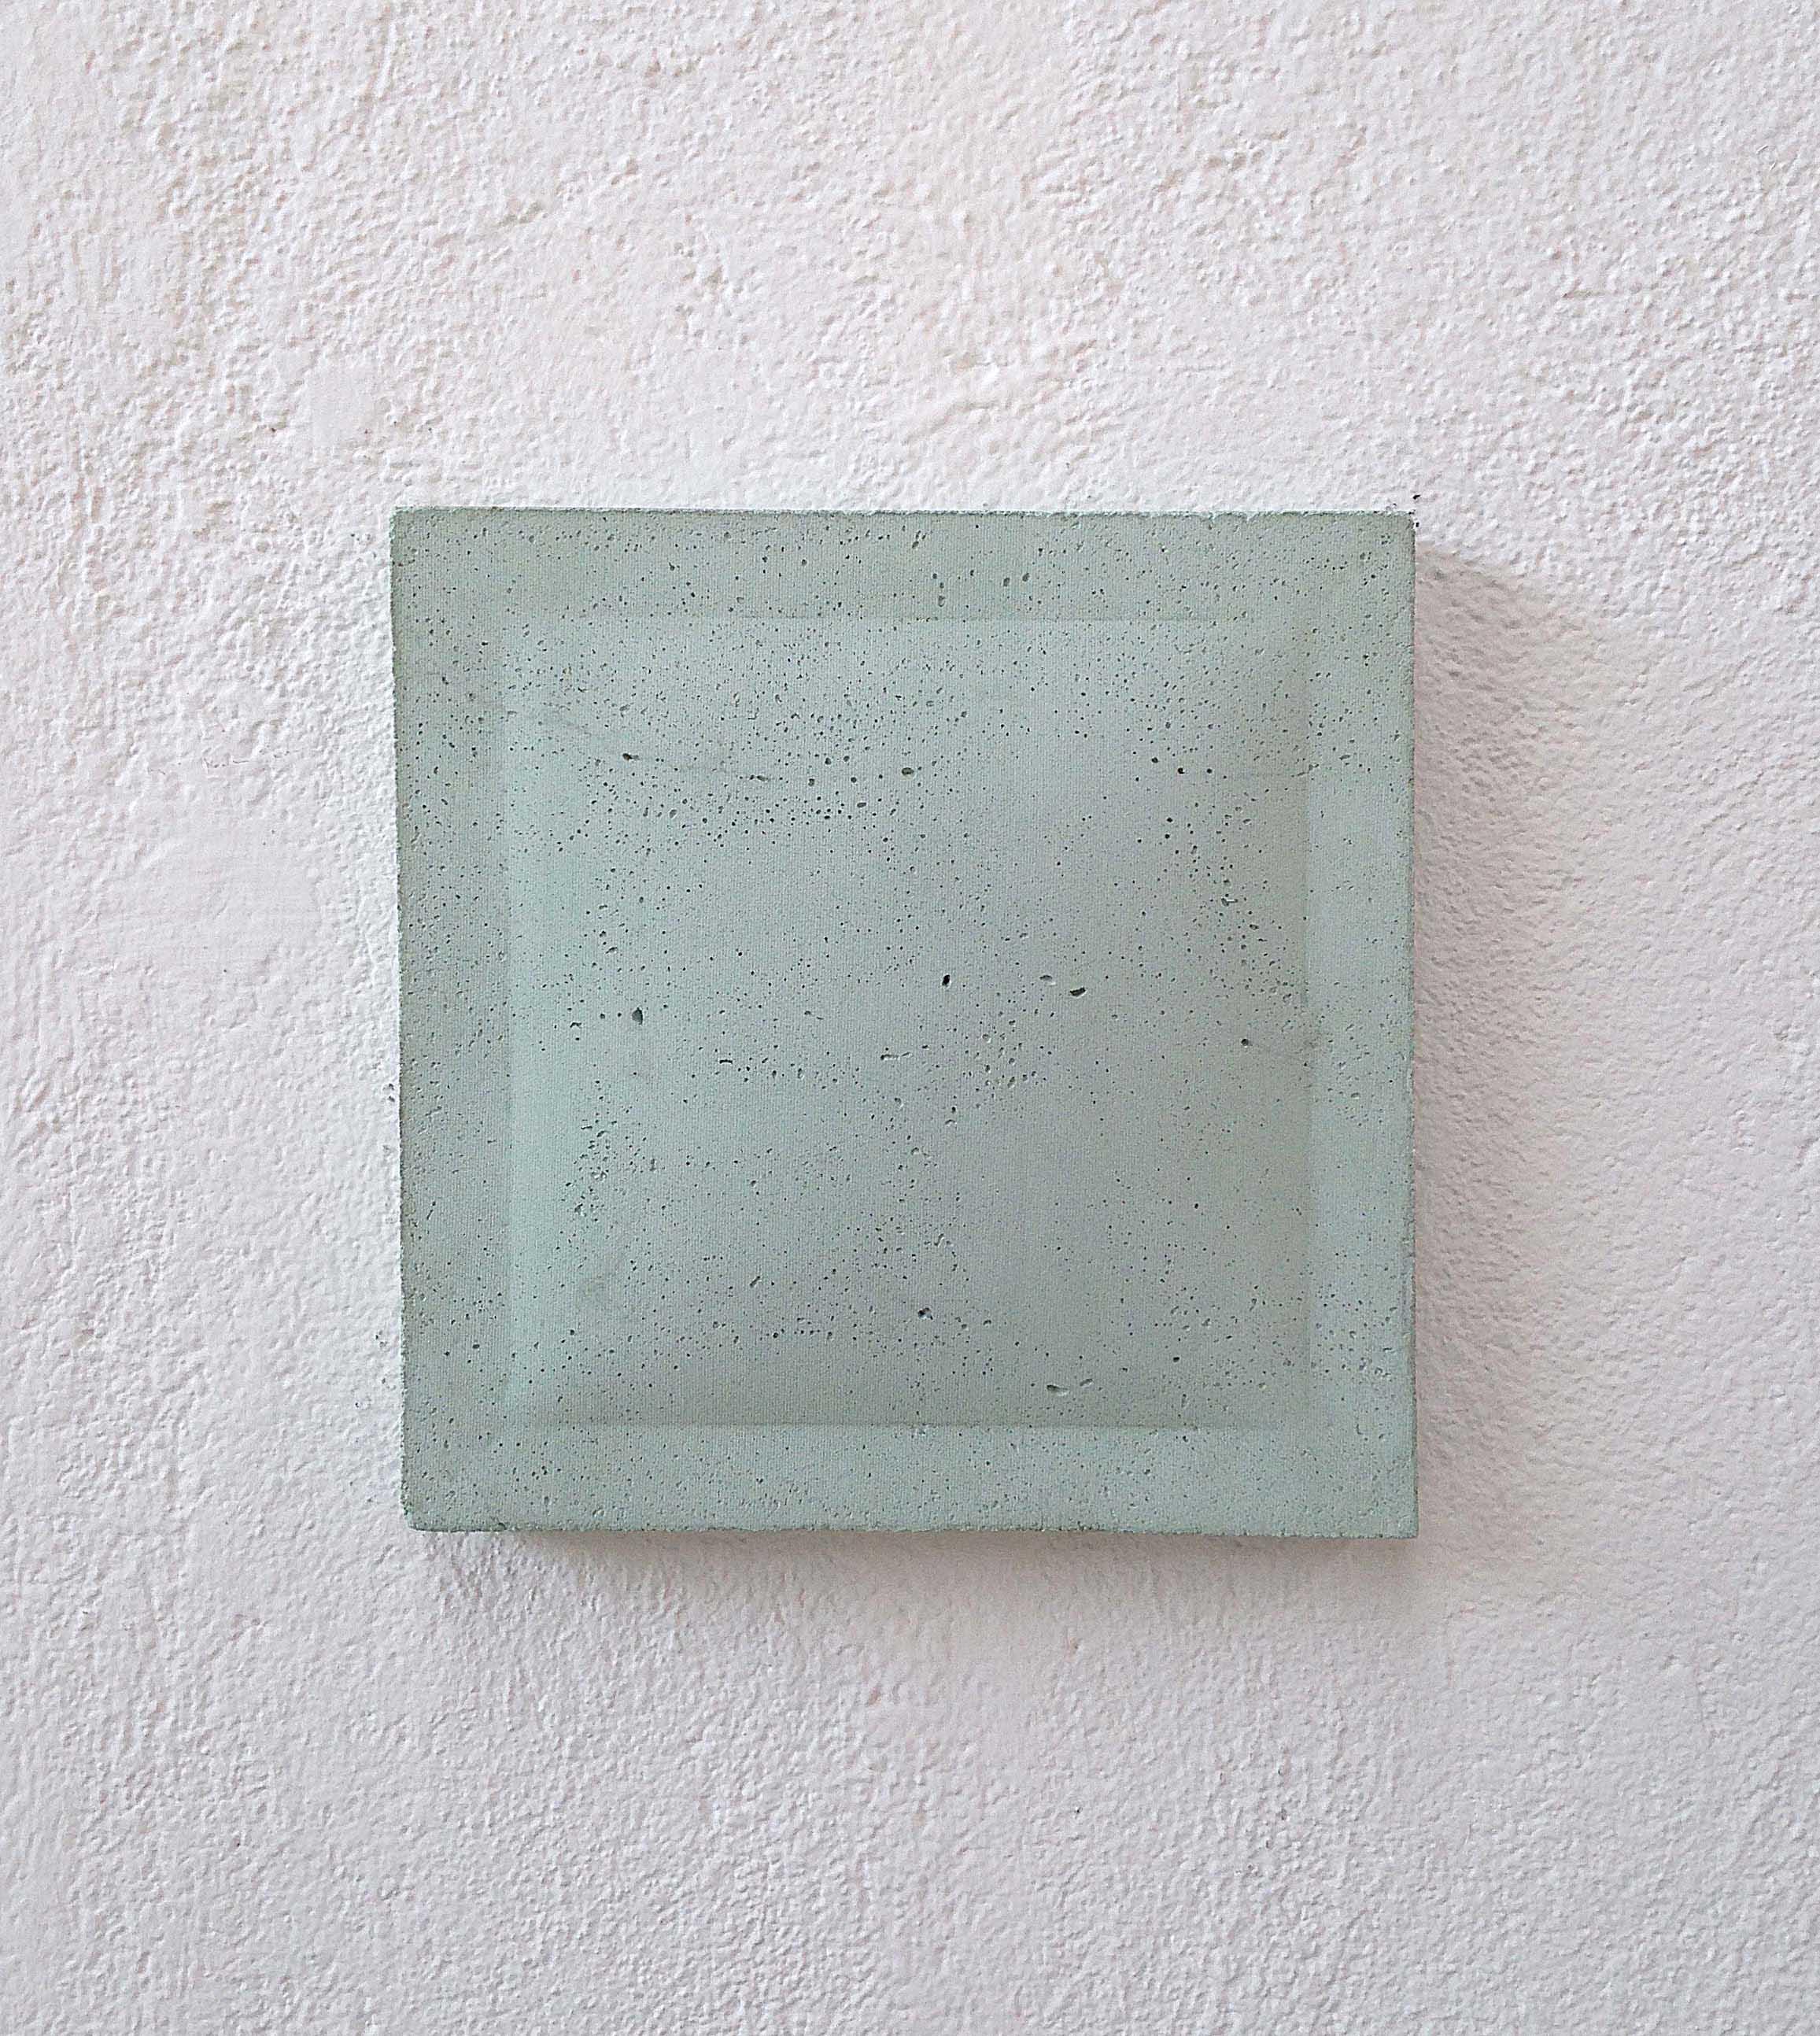 Cemento 35x35 cm, h 6, 2014 copia